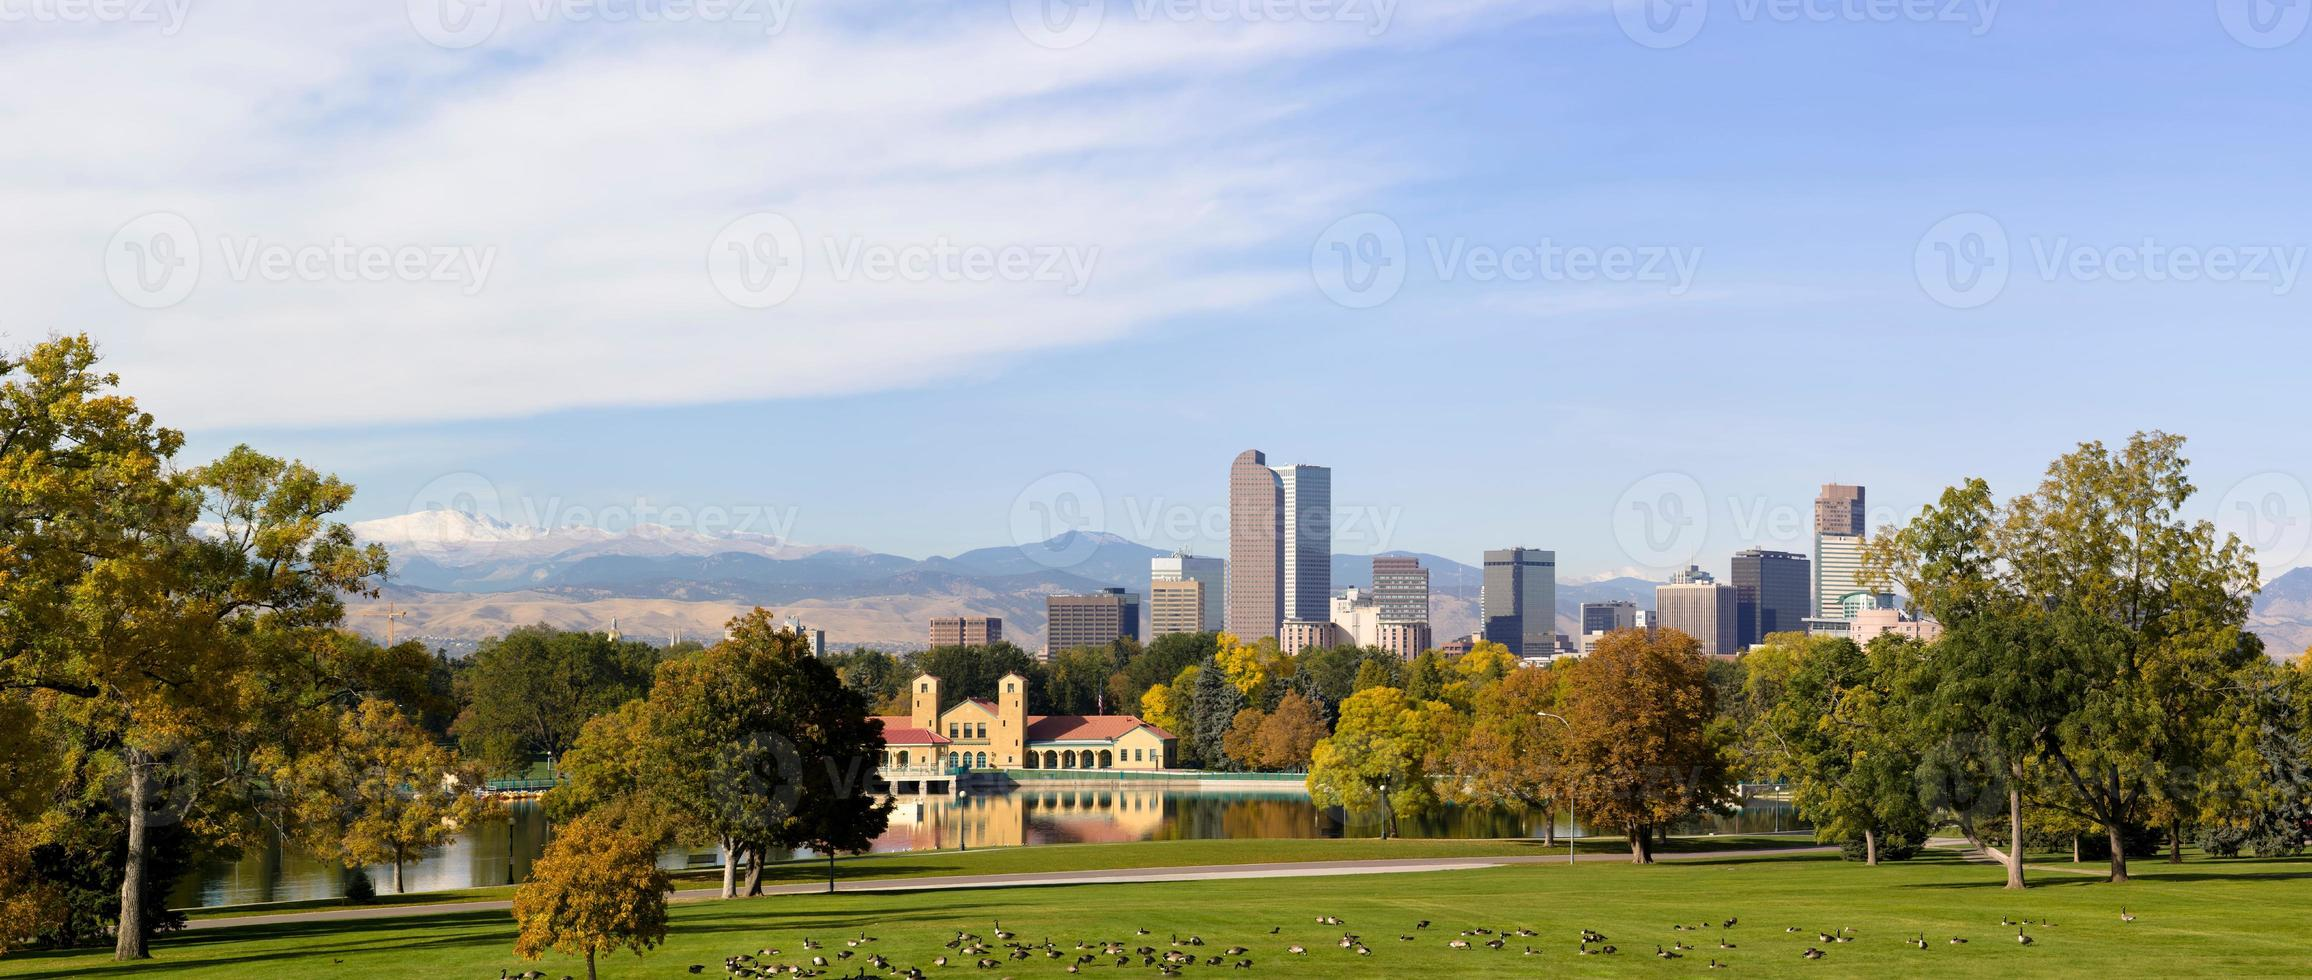 Denver, Colorado Skyline Autumn 2010 photo